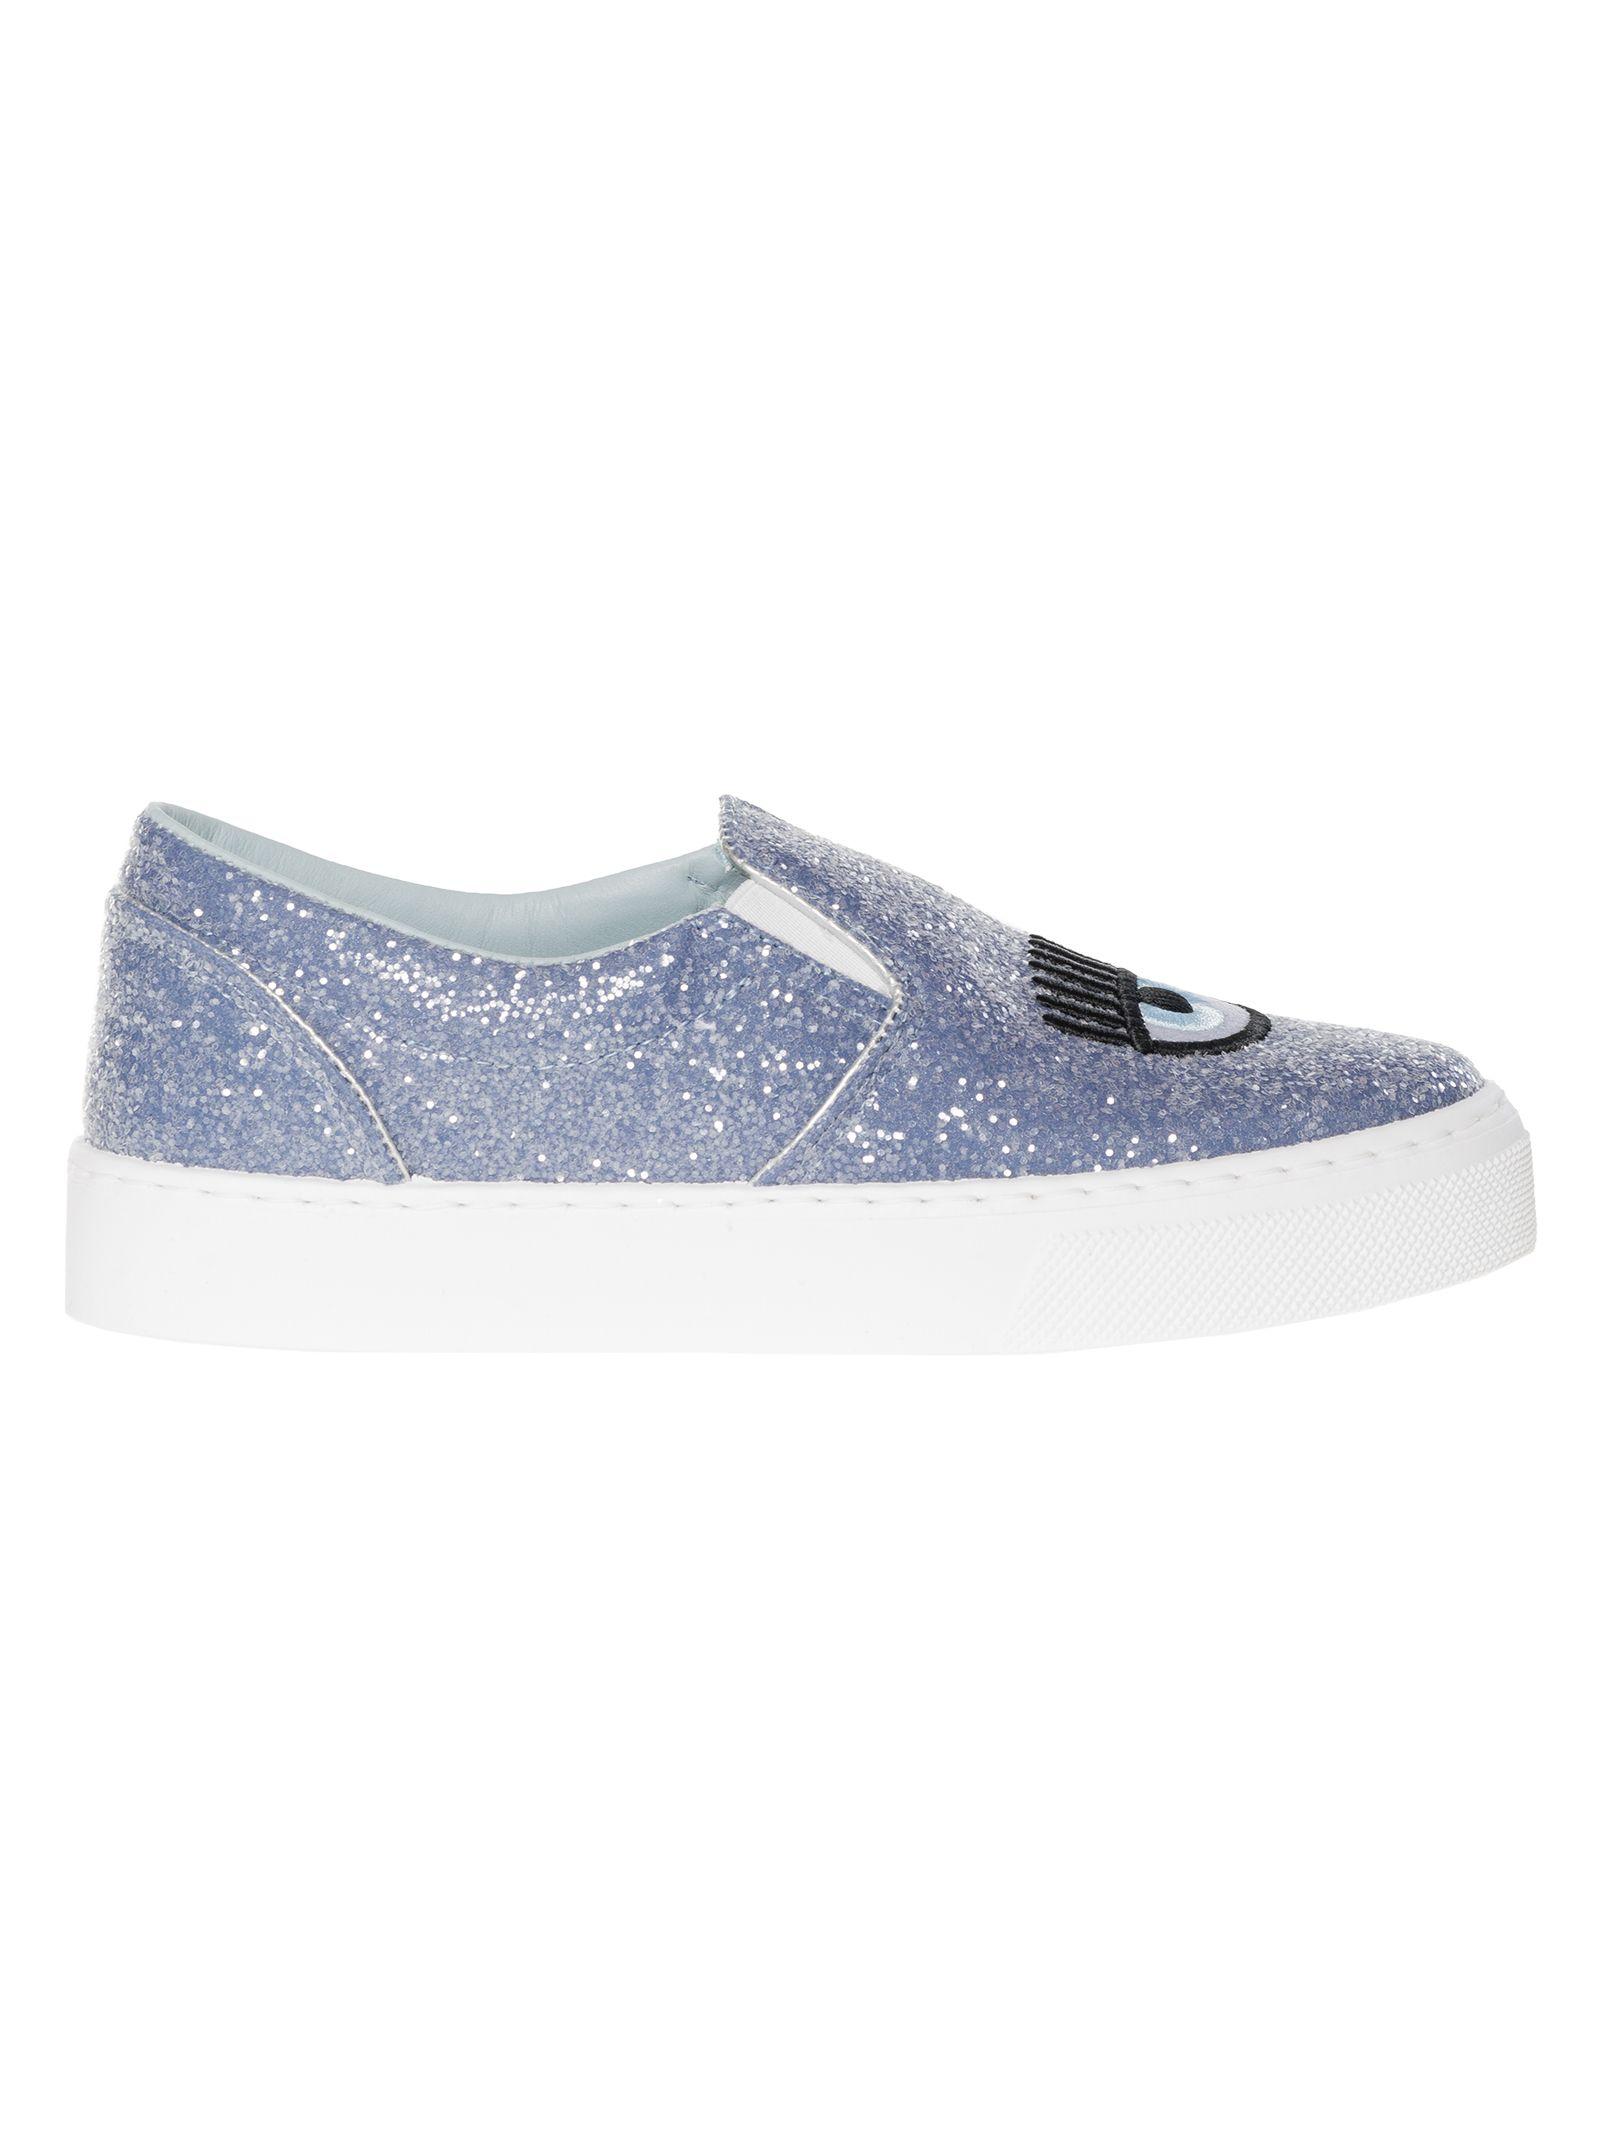 Chiara Ferragni Glitter Eye Slip On Sneakers